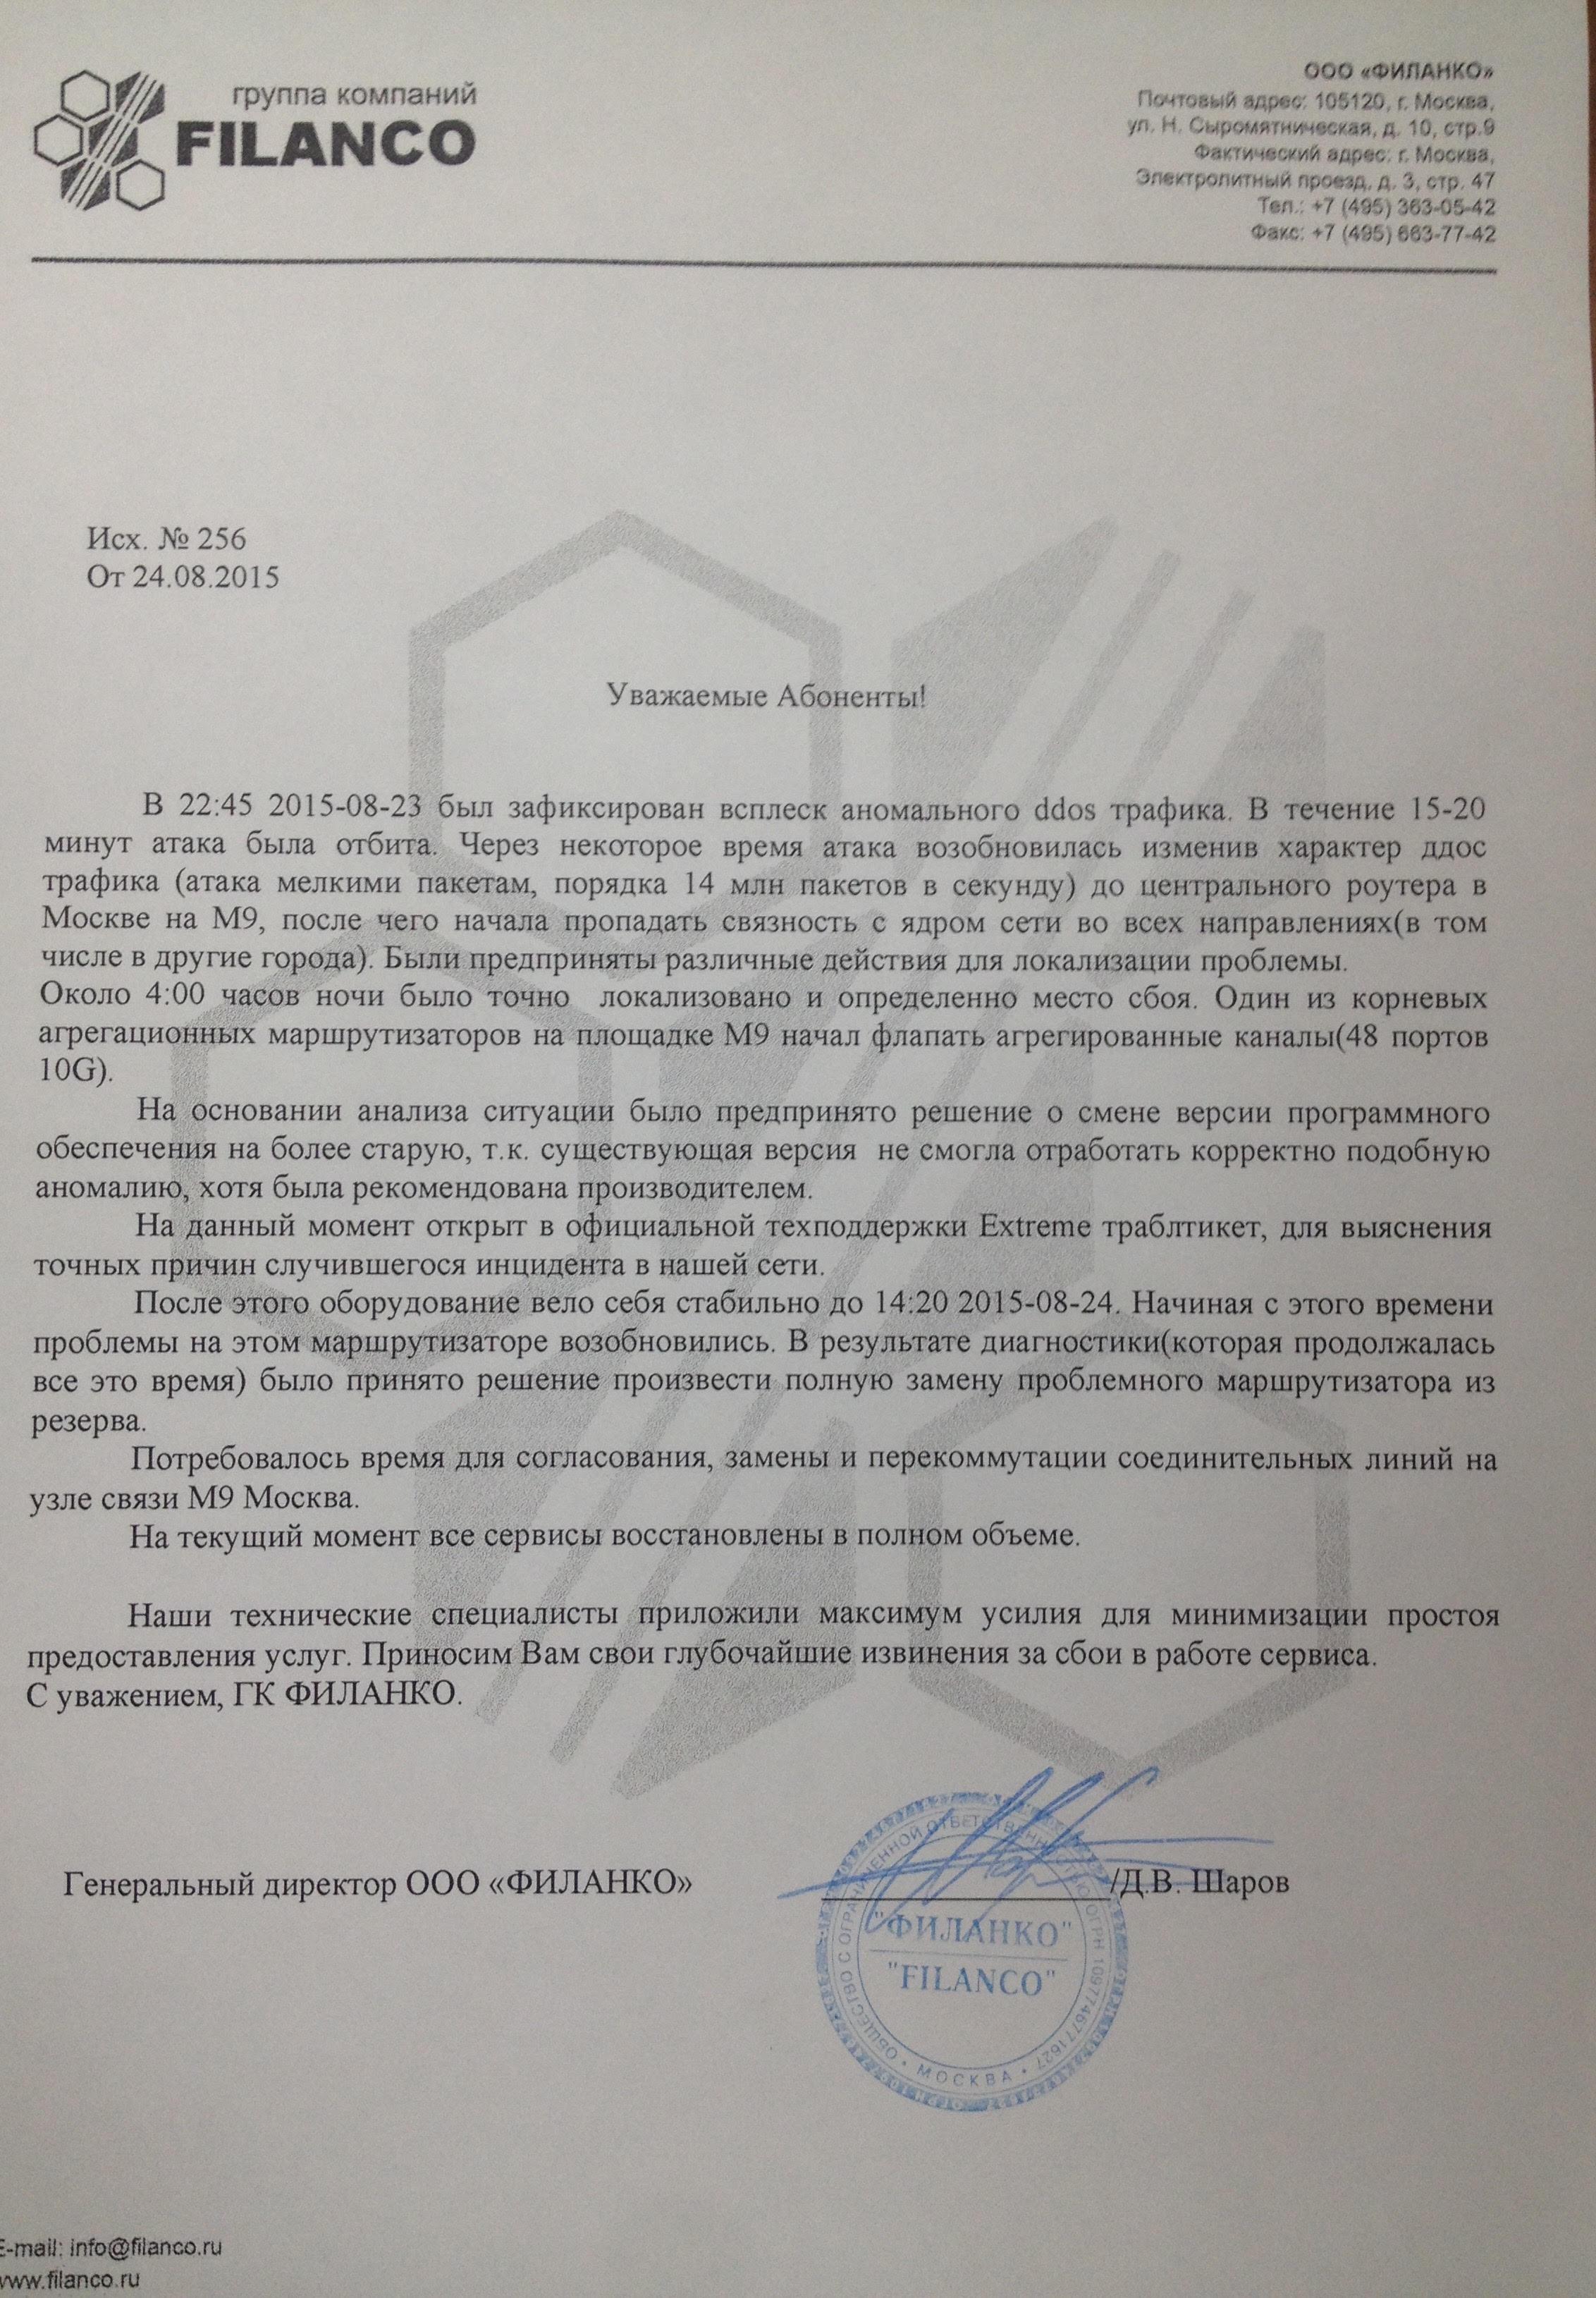 Филанко, Шаров